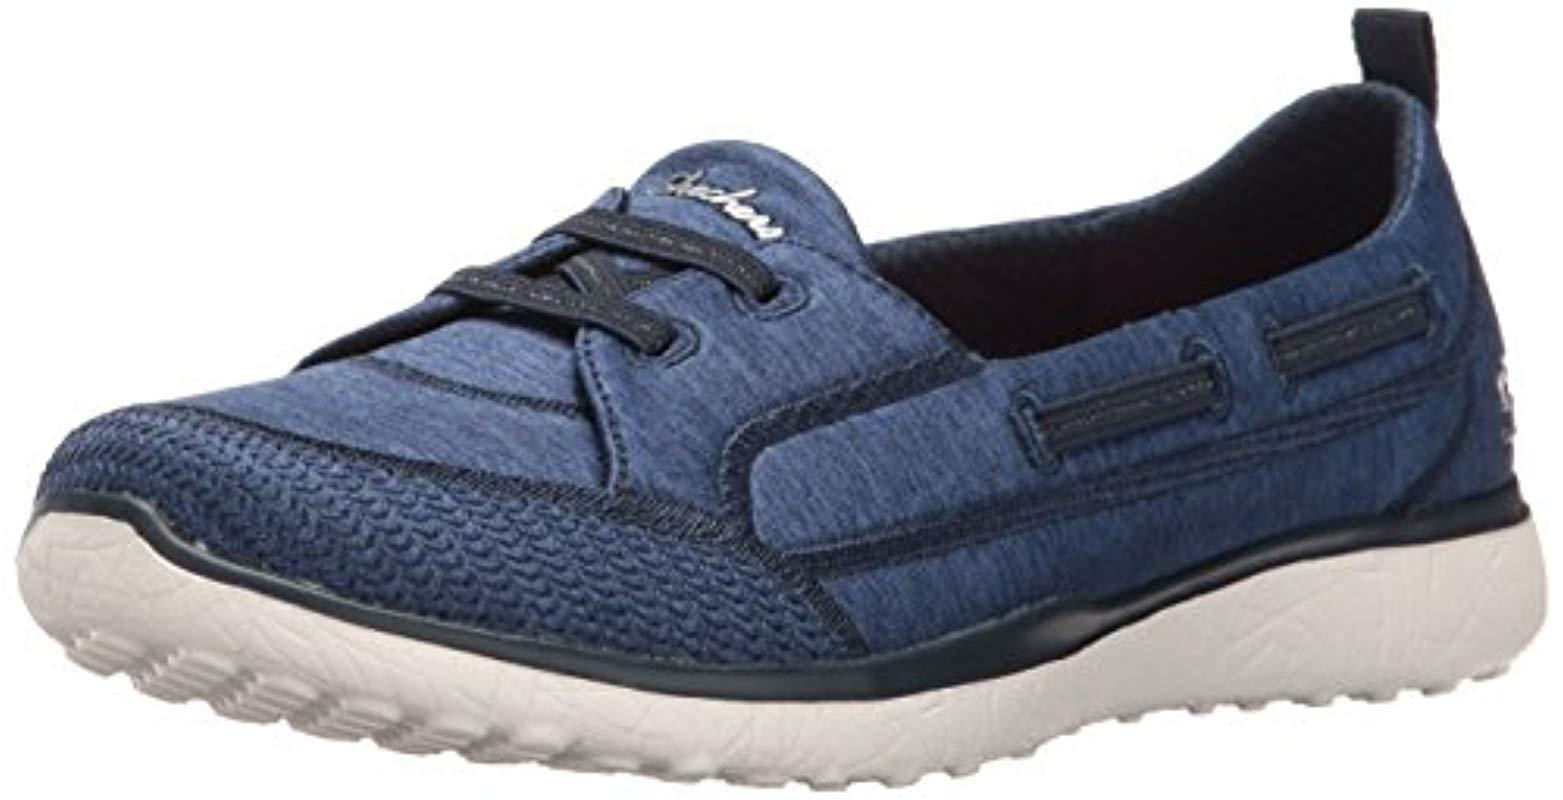 Lyst Skechers Microburst Topnotch Sneaker in Blue